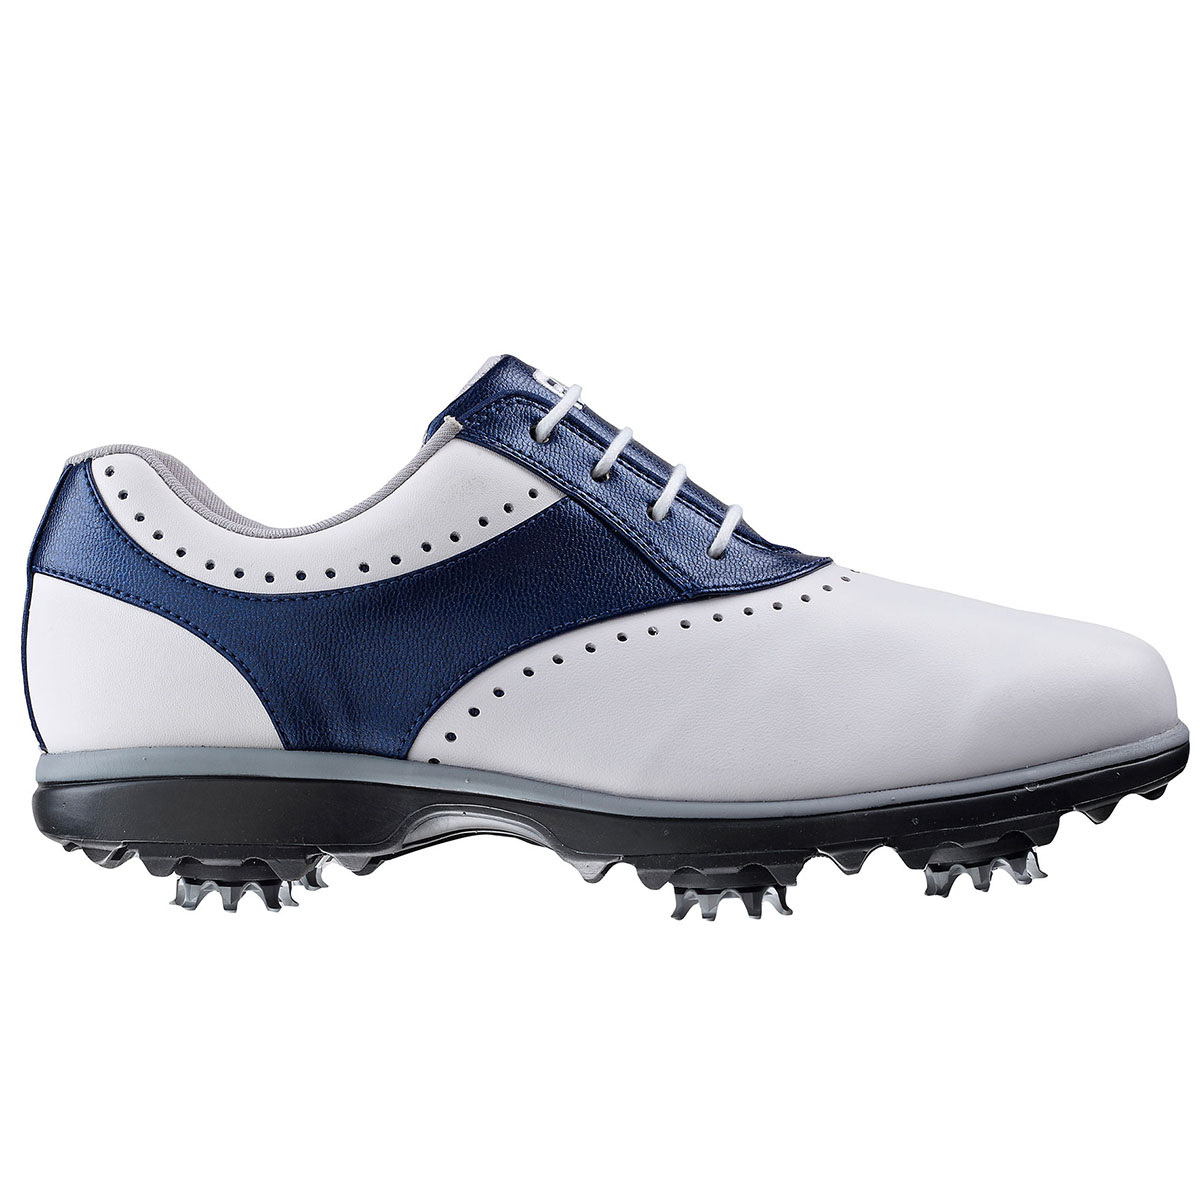 Footjoy Ladies Emerge Shoes Online Golf